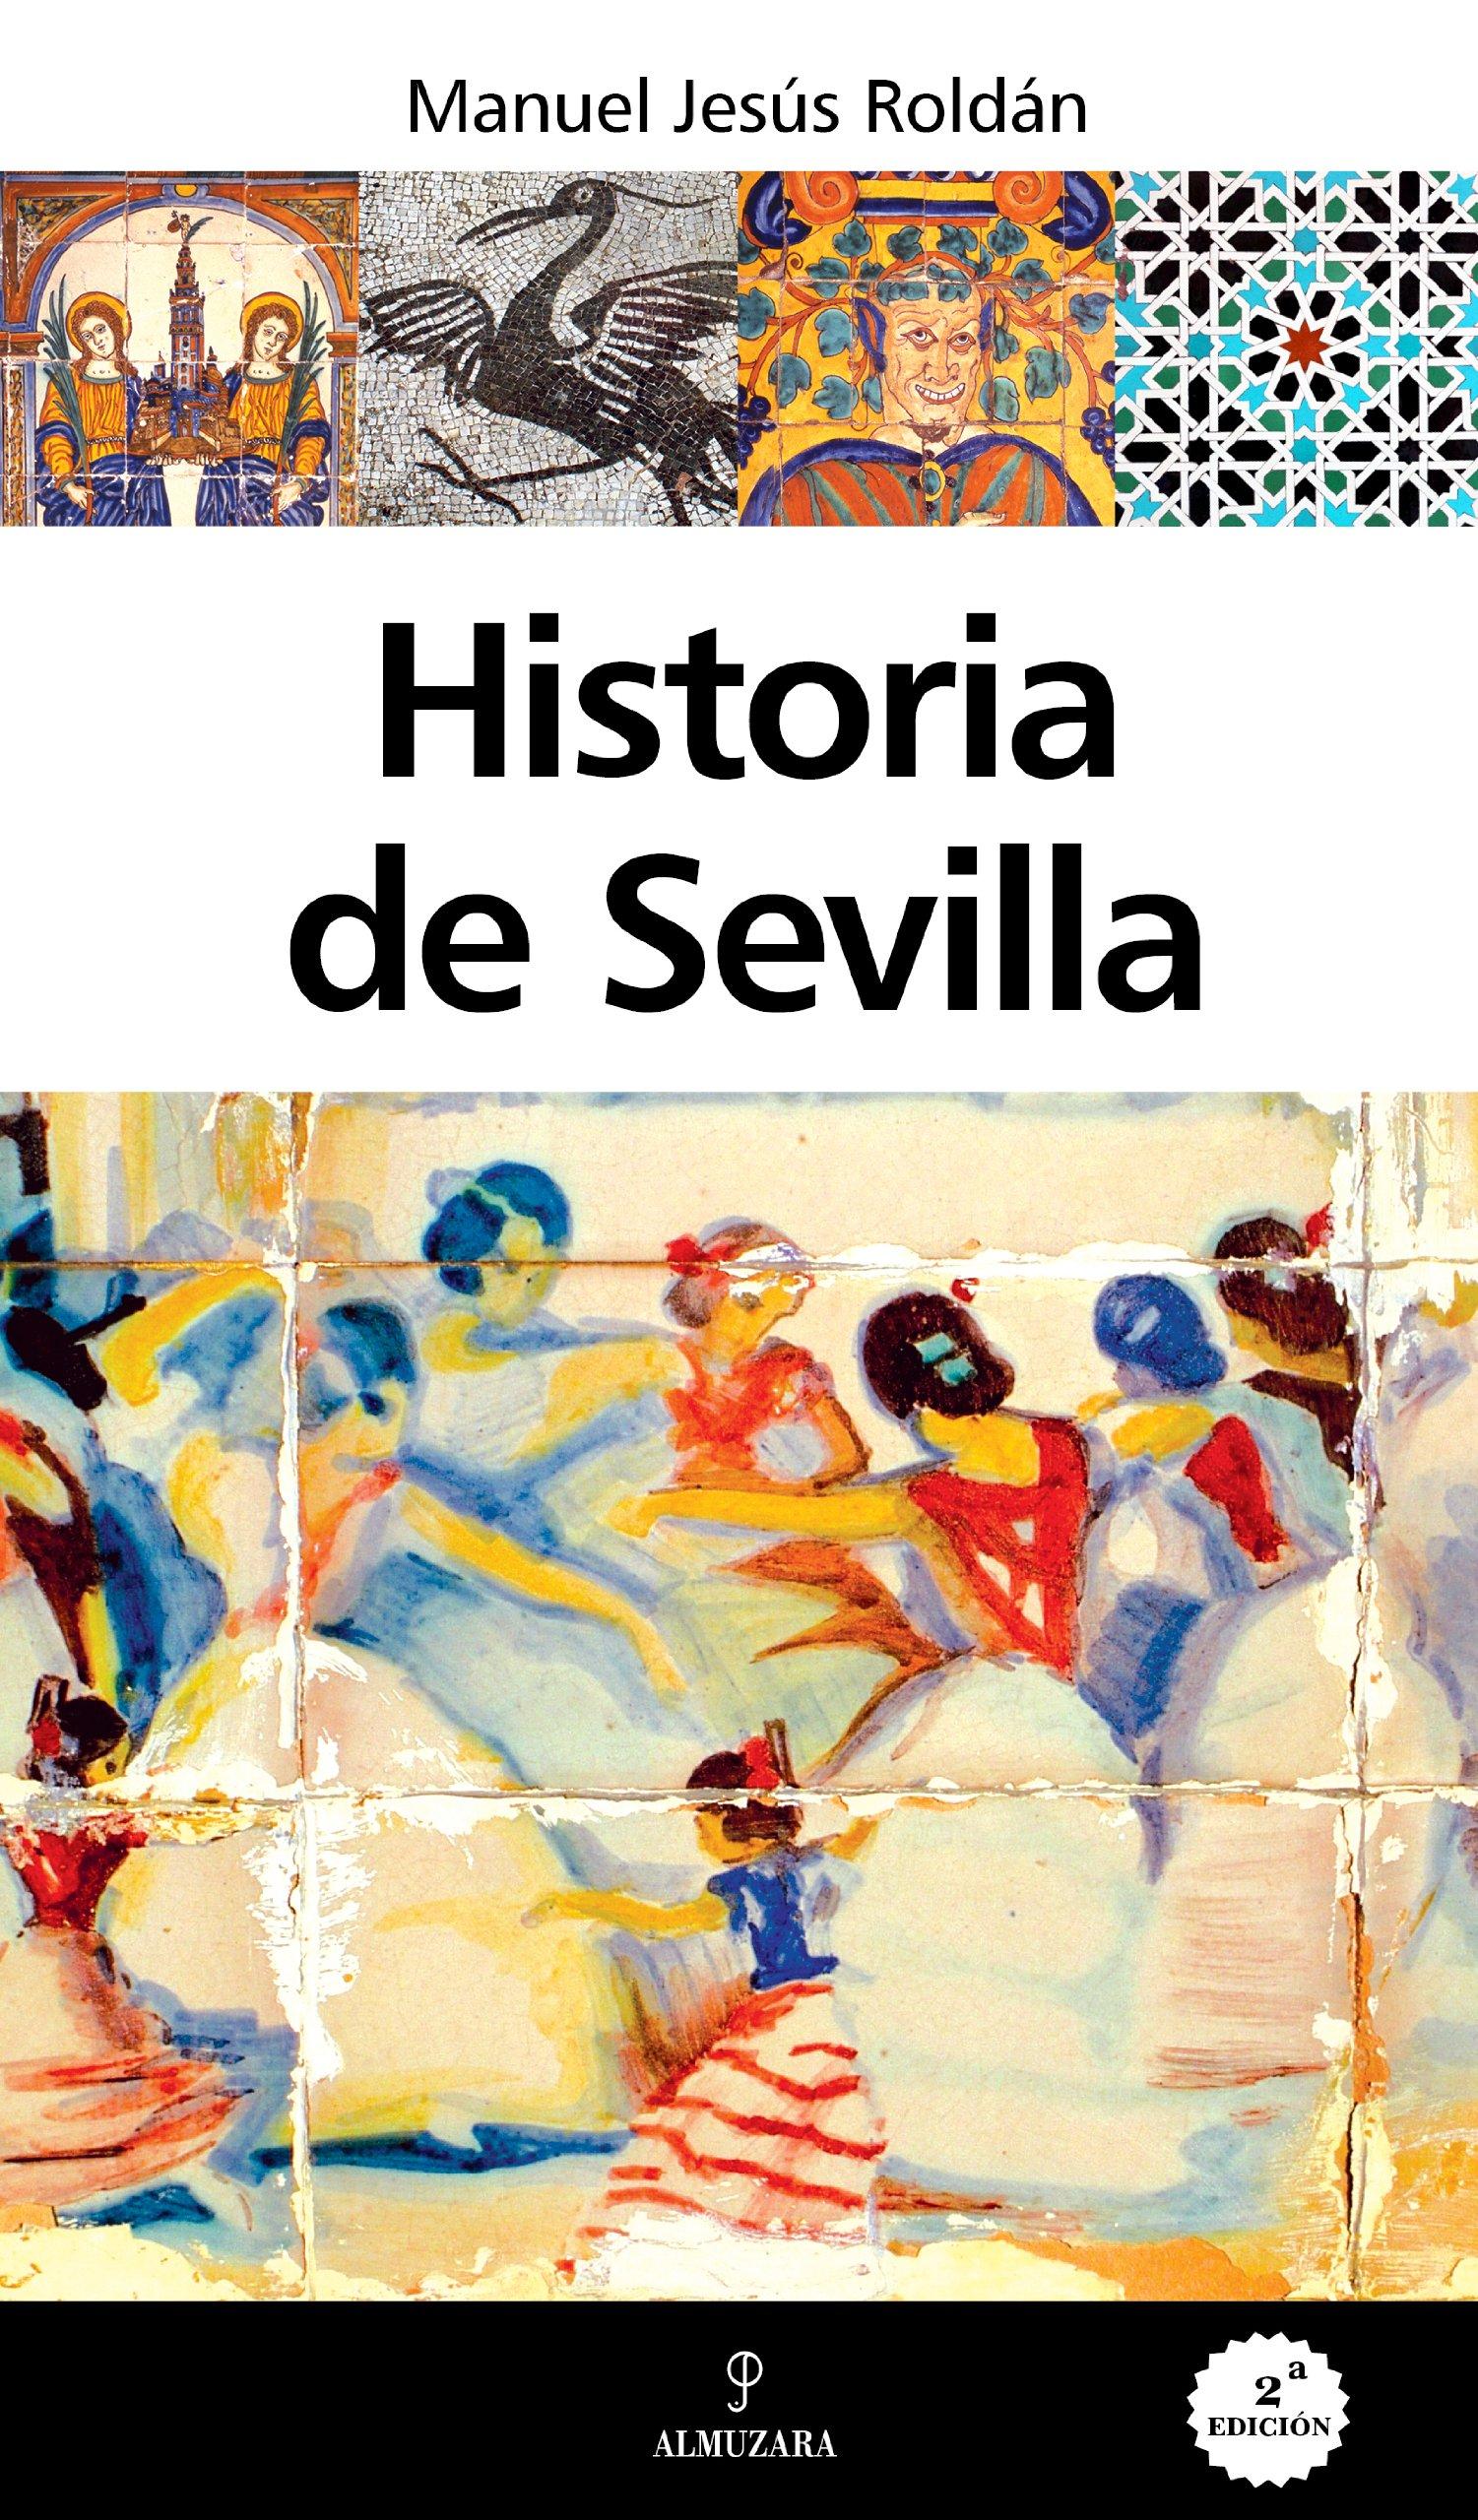 Historia de Sevilla (Andalucía): Amazon.es: Roldán Salgueiro, Manuel Jesús: Libros